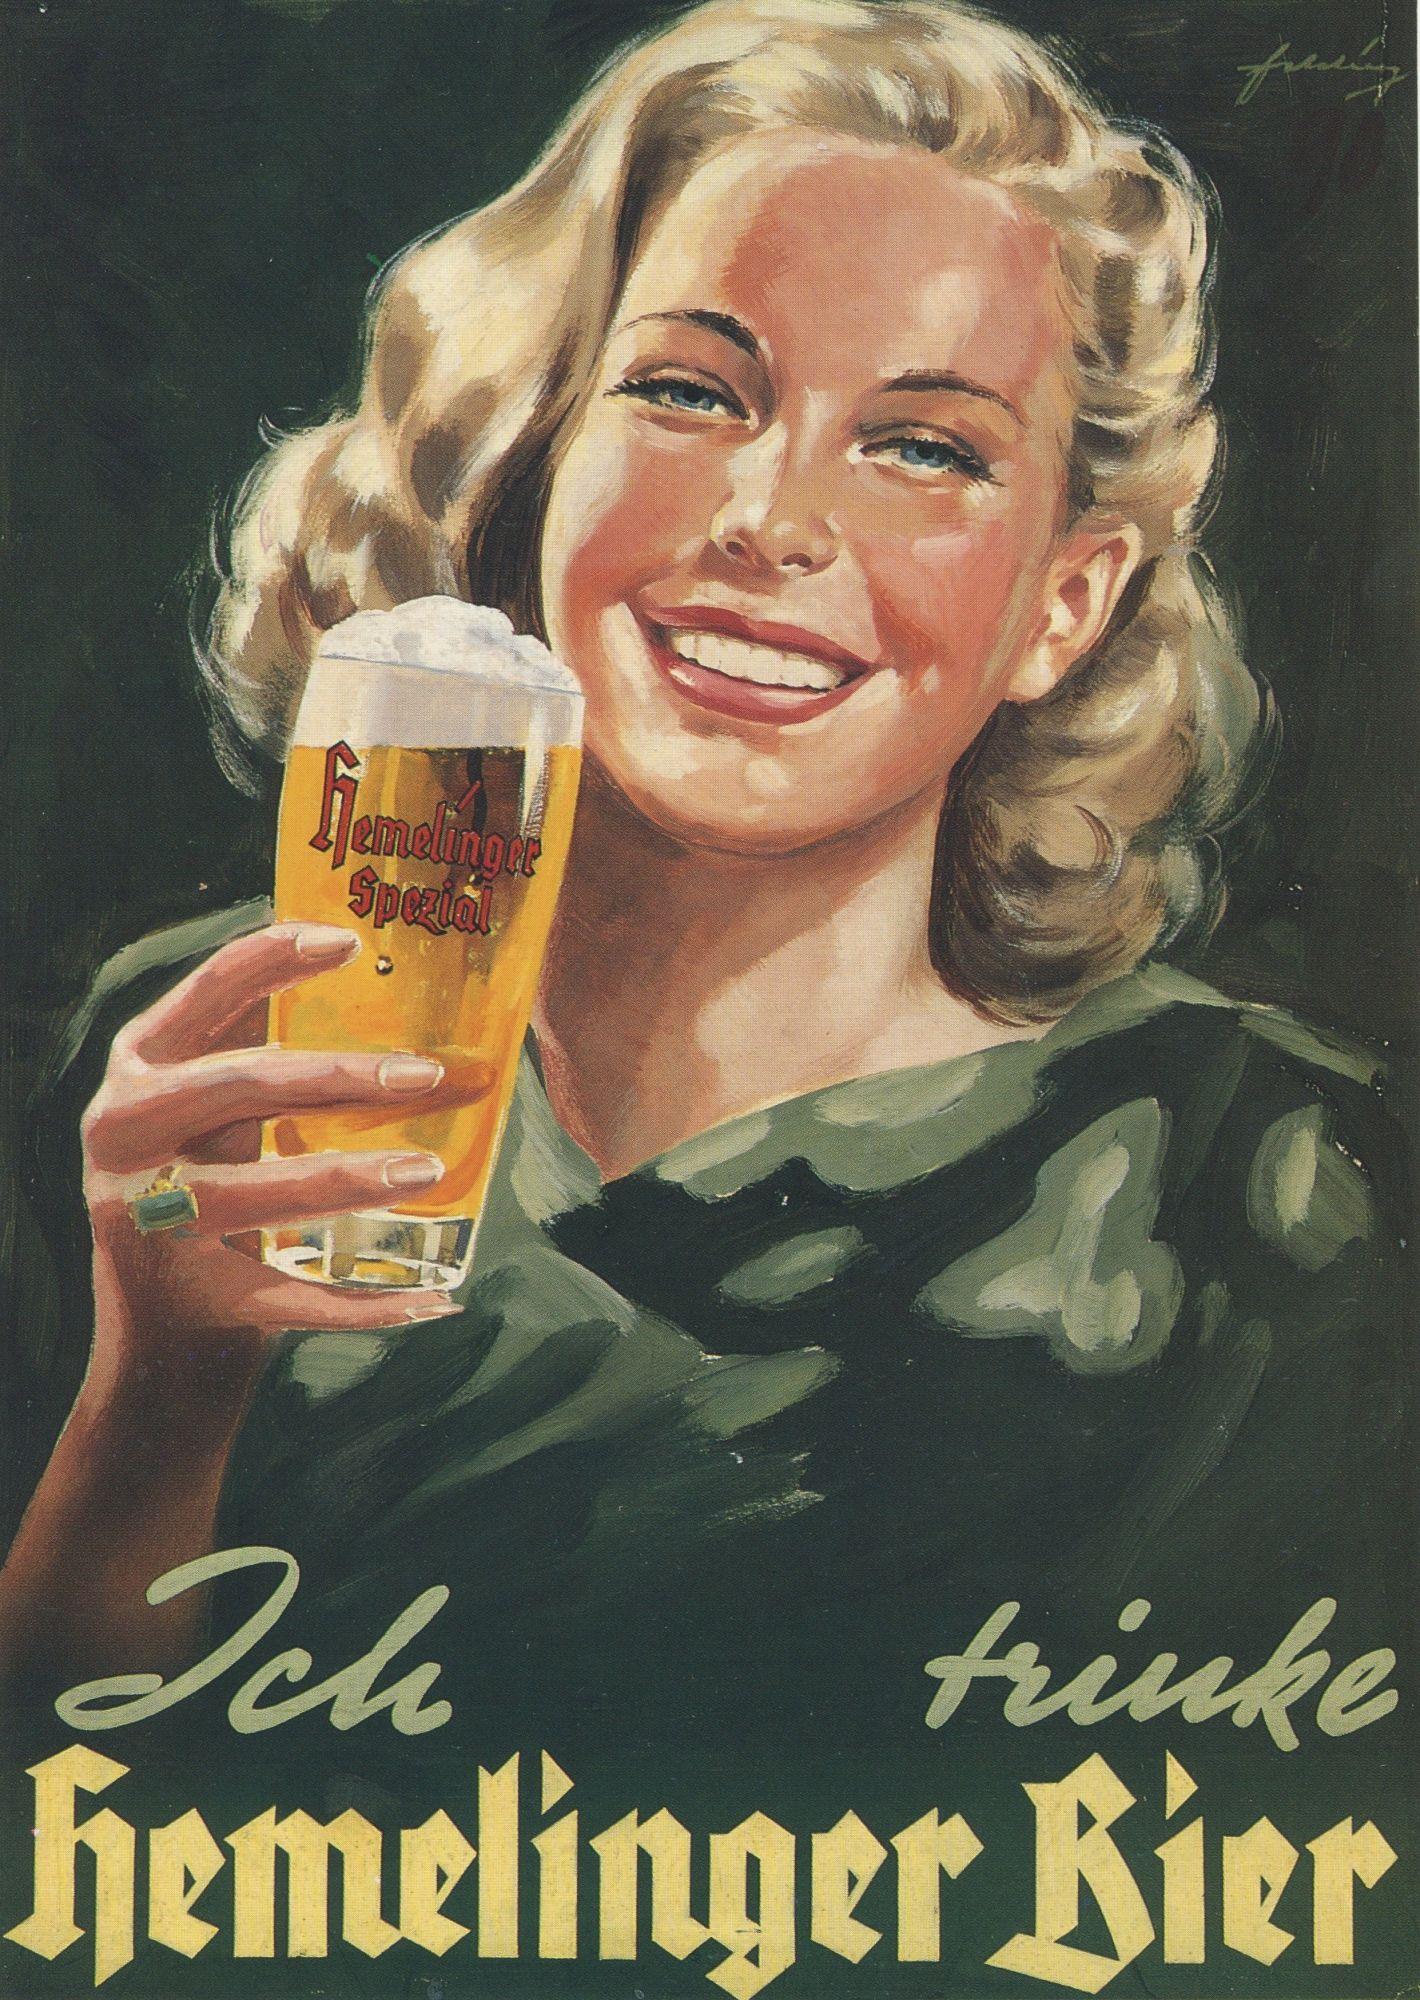 Hemelinger-Bier-1953